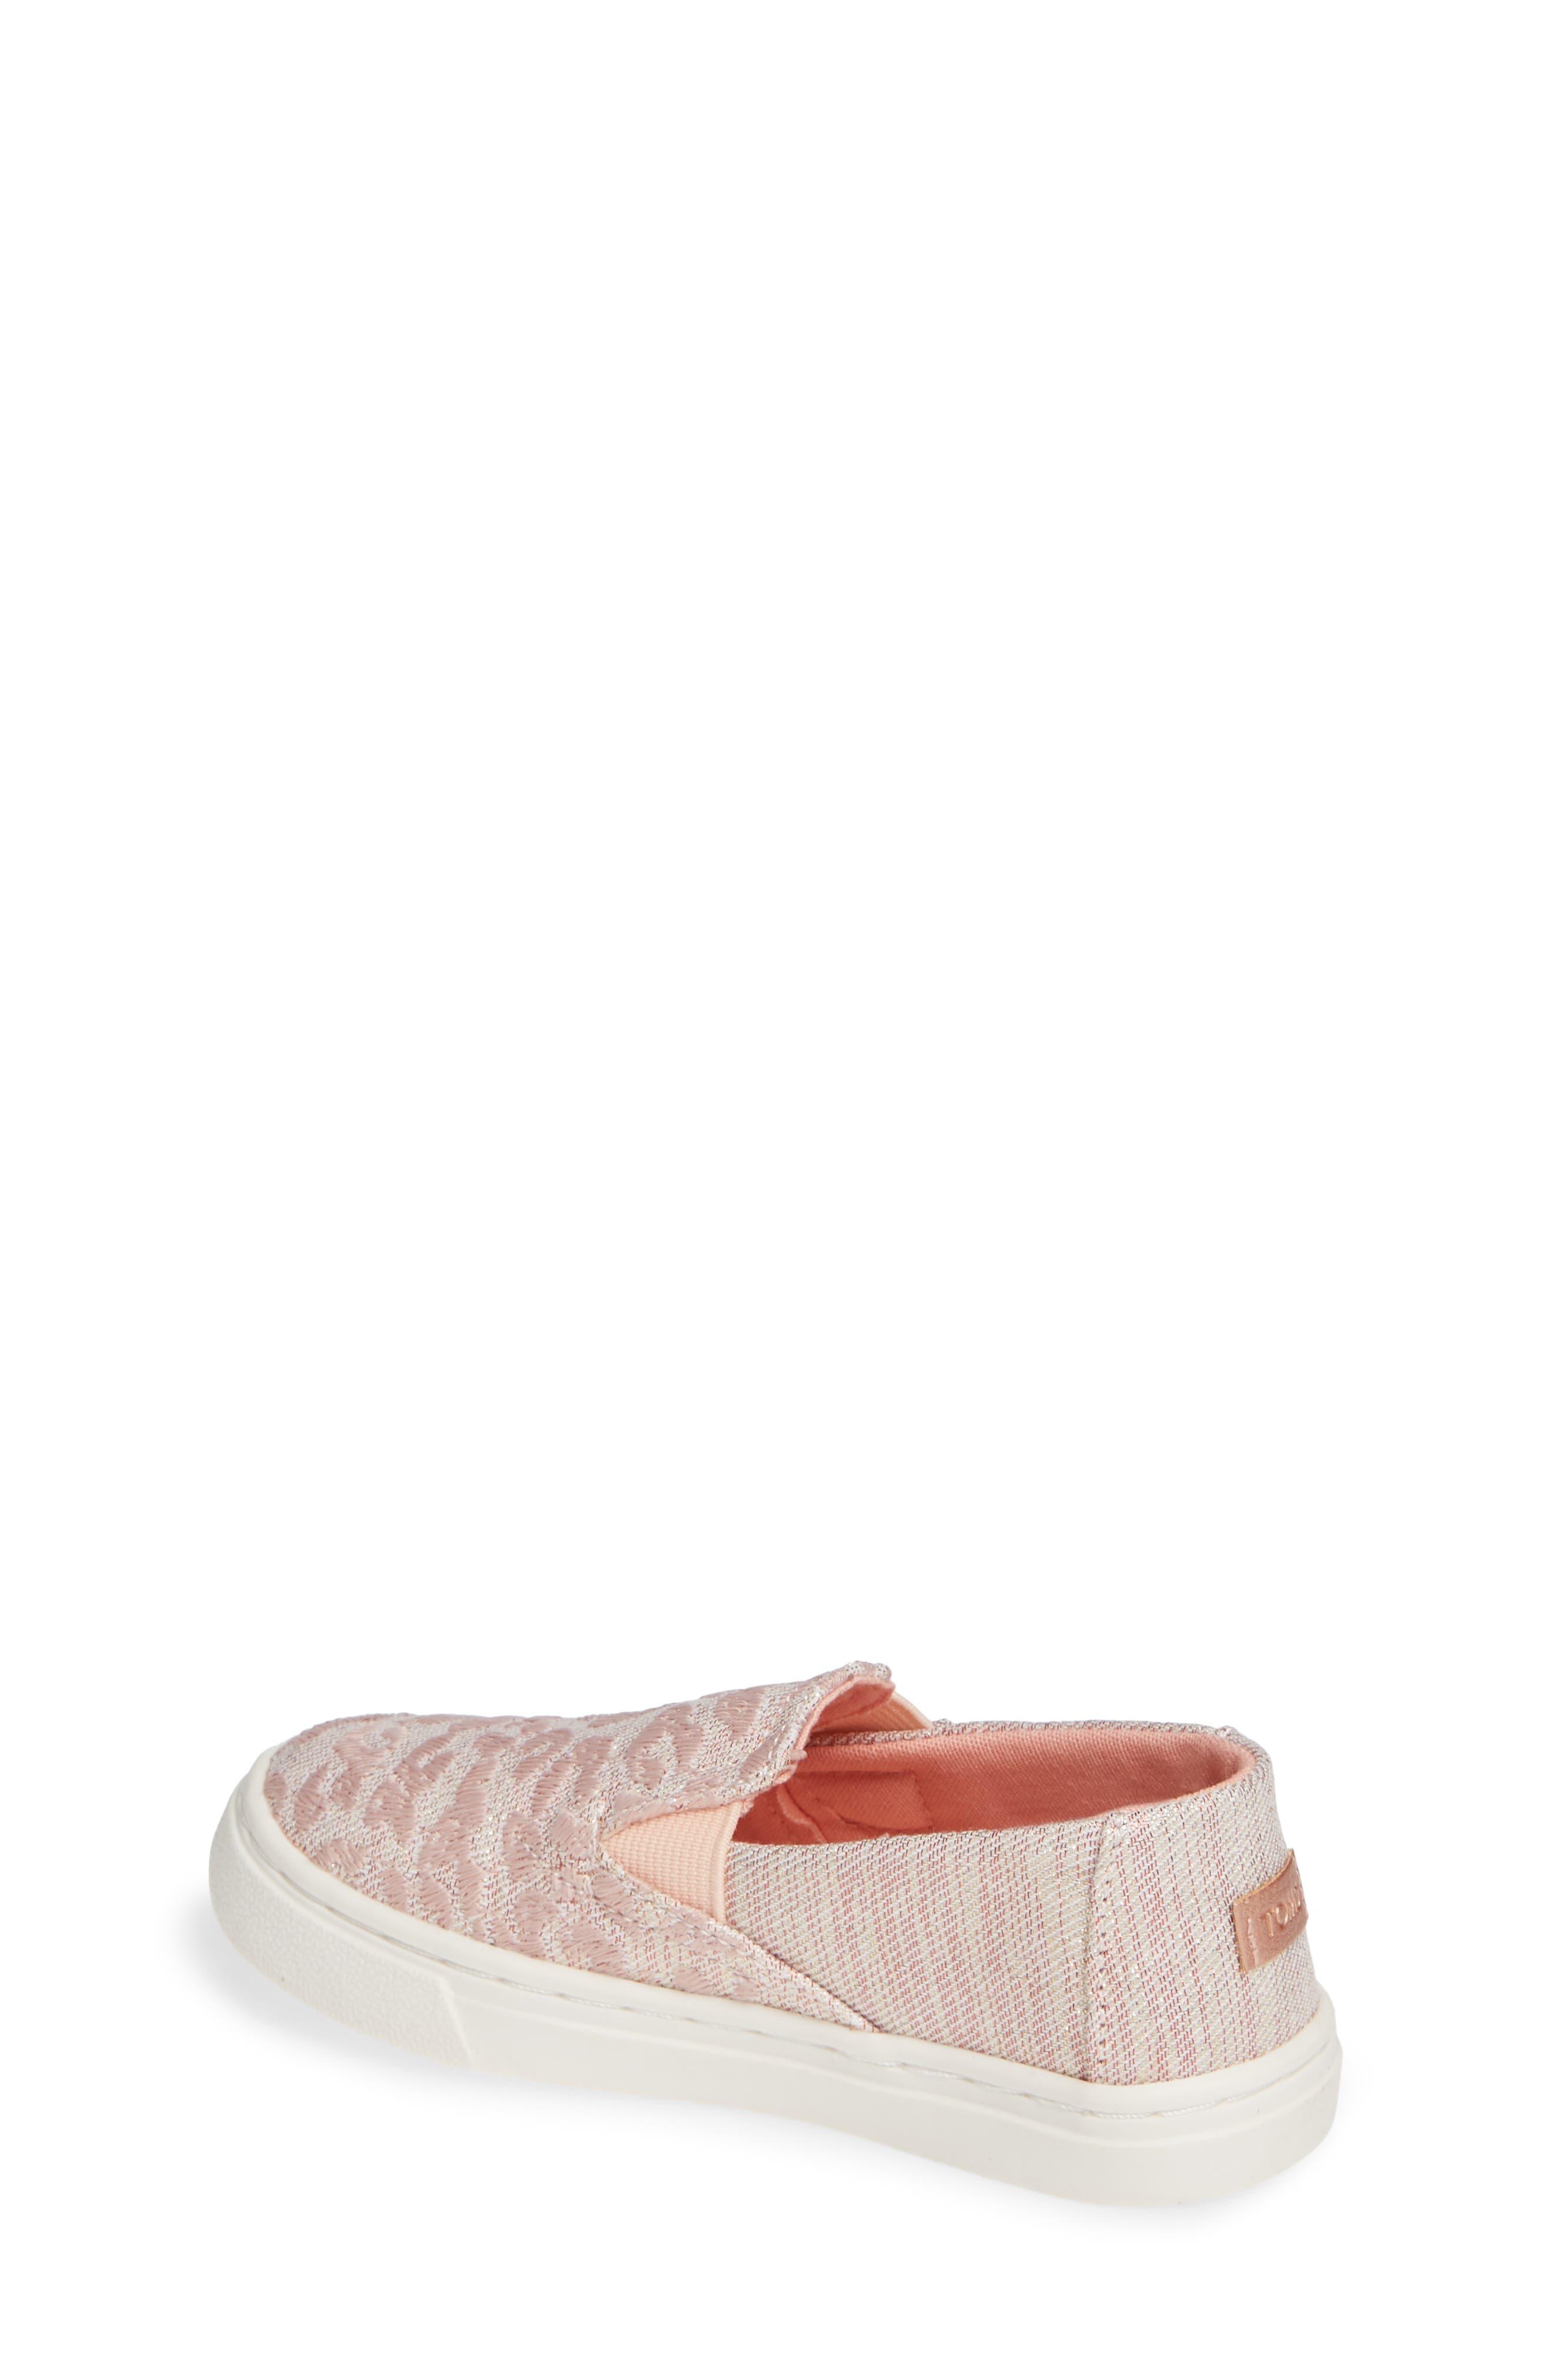 Luca Slip-On Sneaker,                             Alternate thumbnail 13, color,